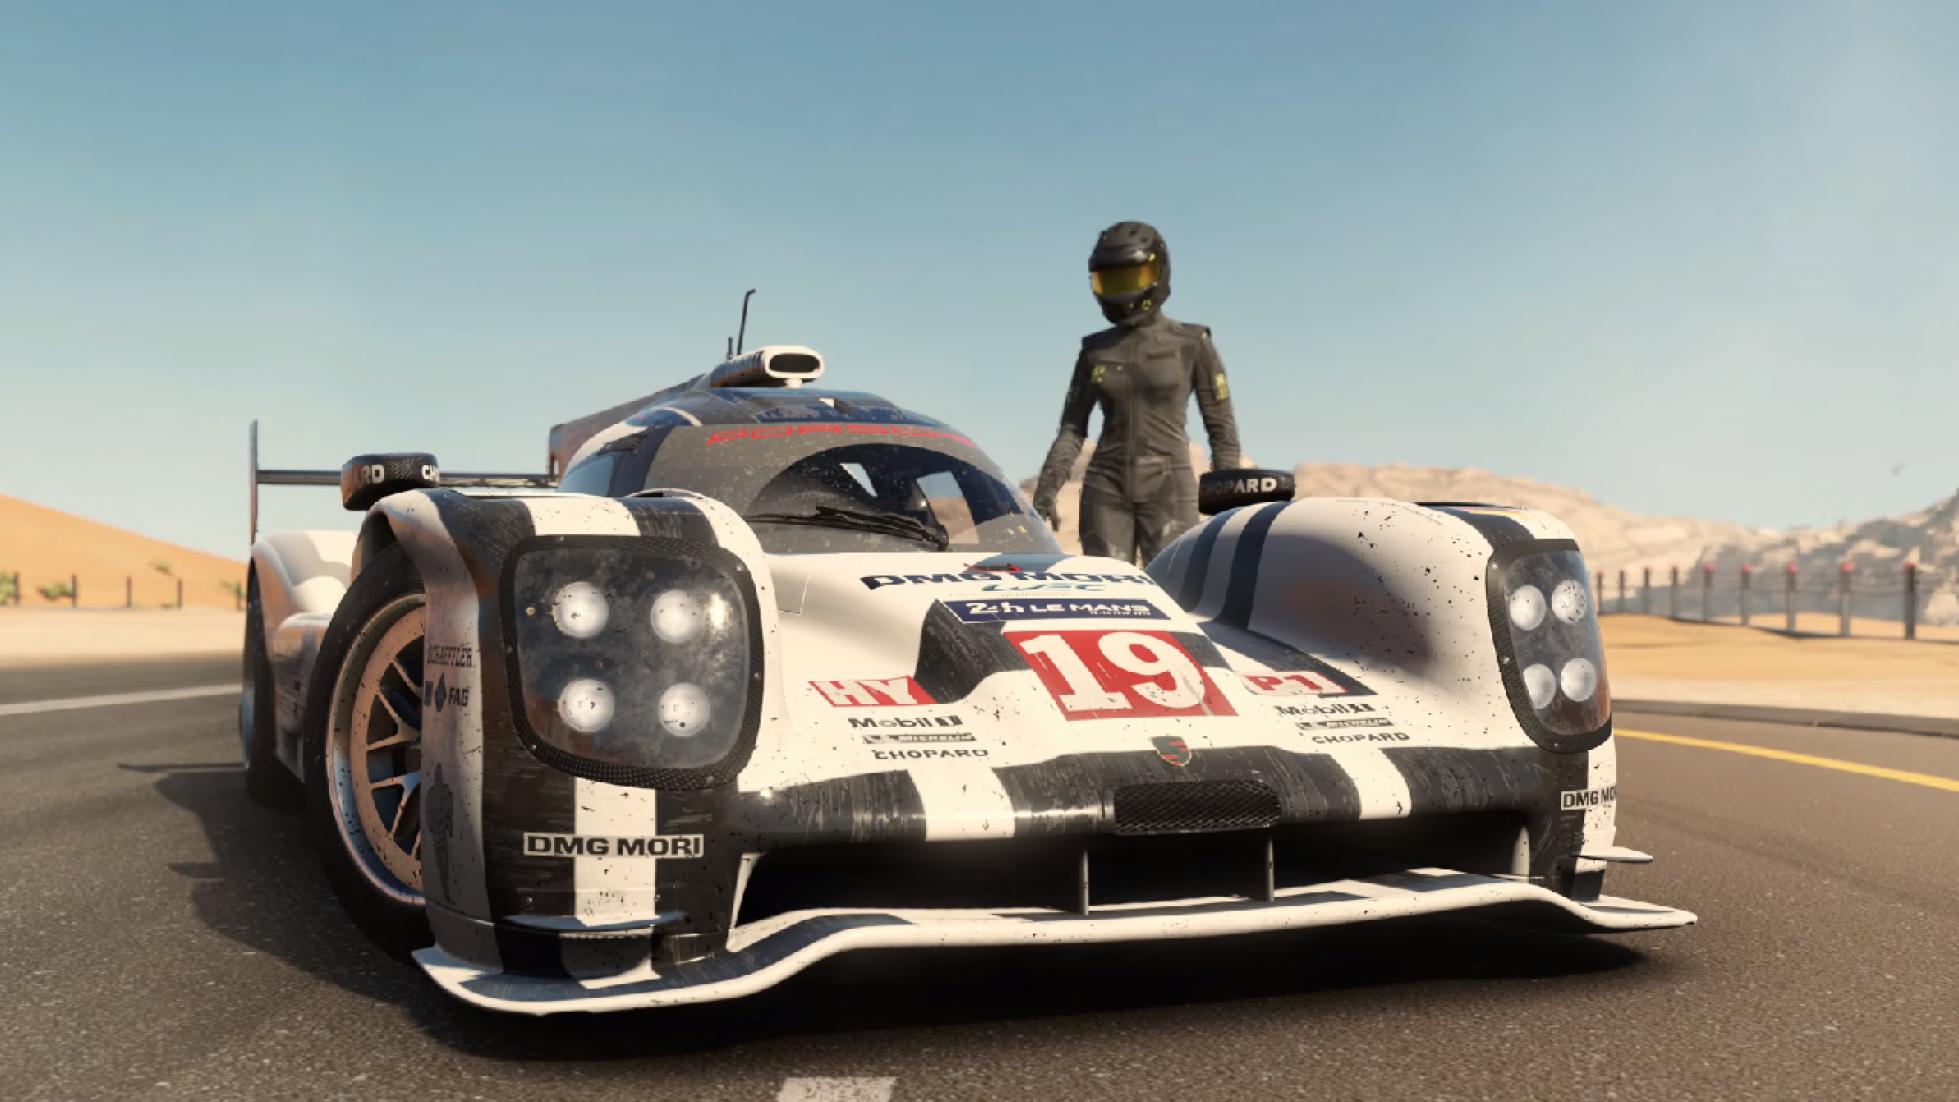 Forza 7's first trailer takes a Porsche 919 to the desert